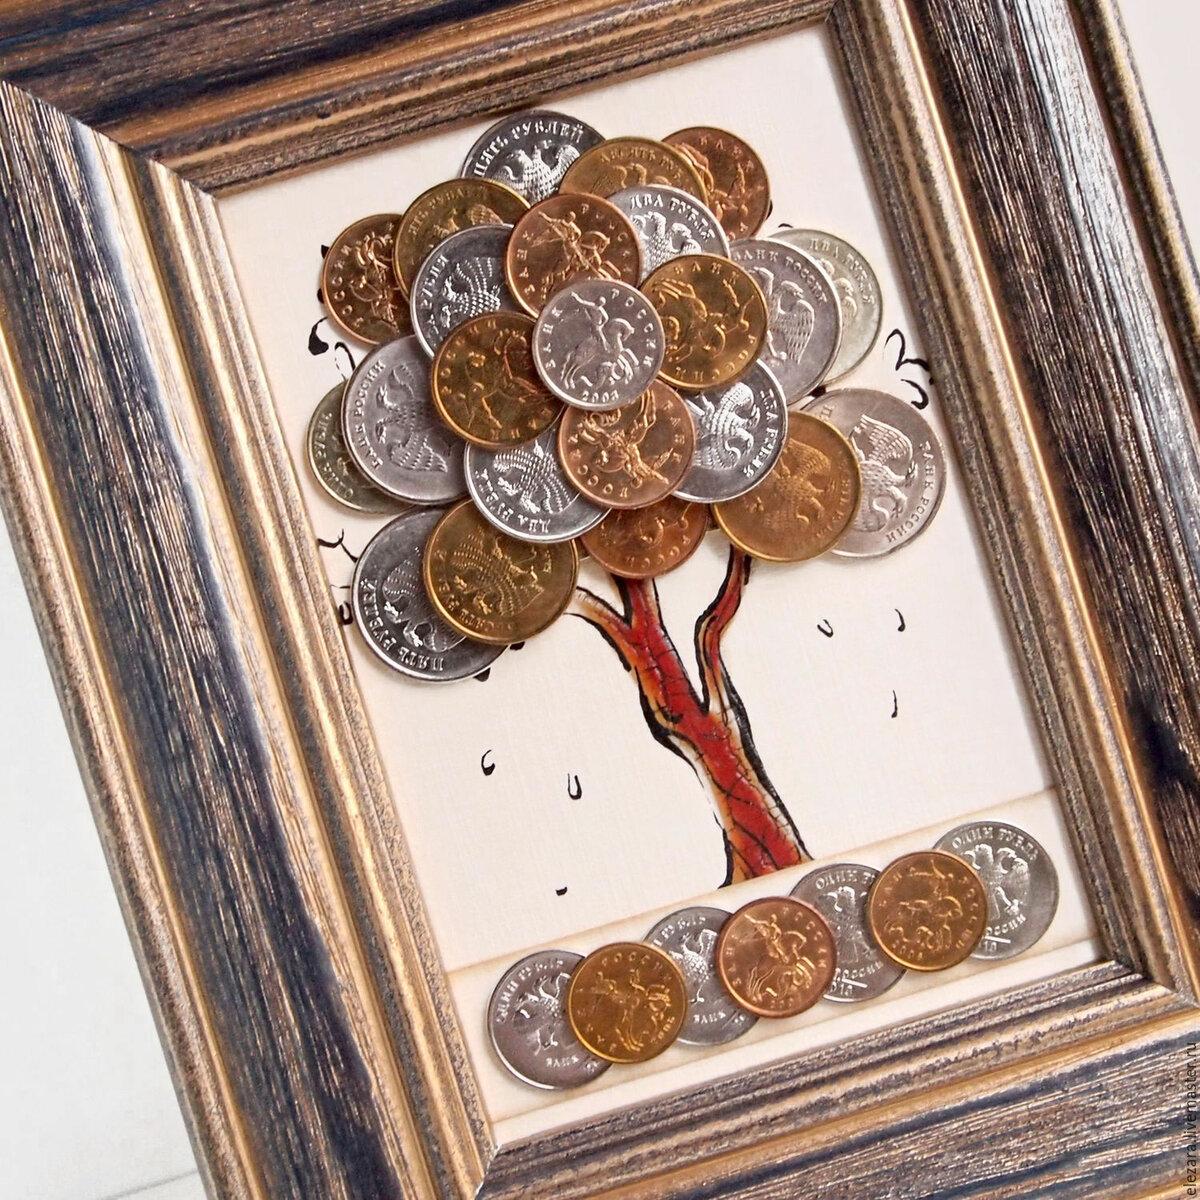 Что можно сделать из монет? Полезное. или красивое? 96